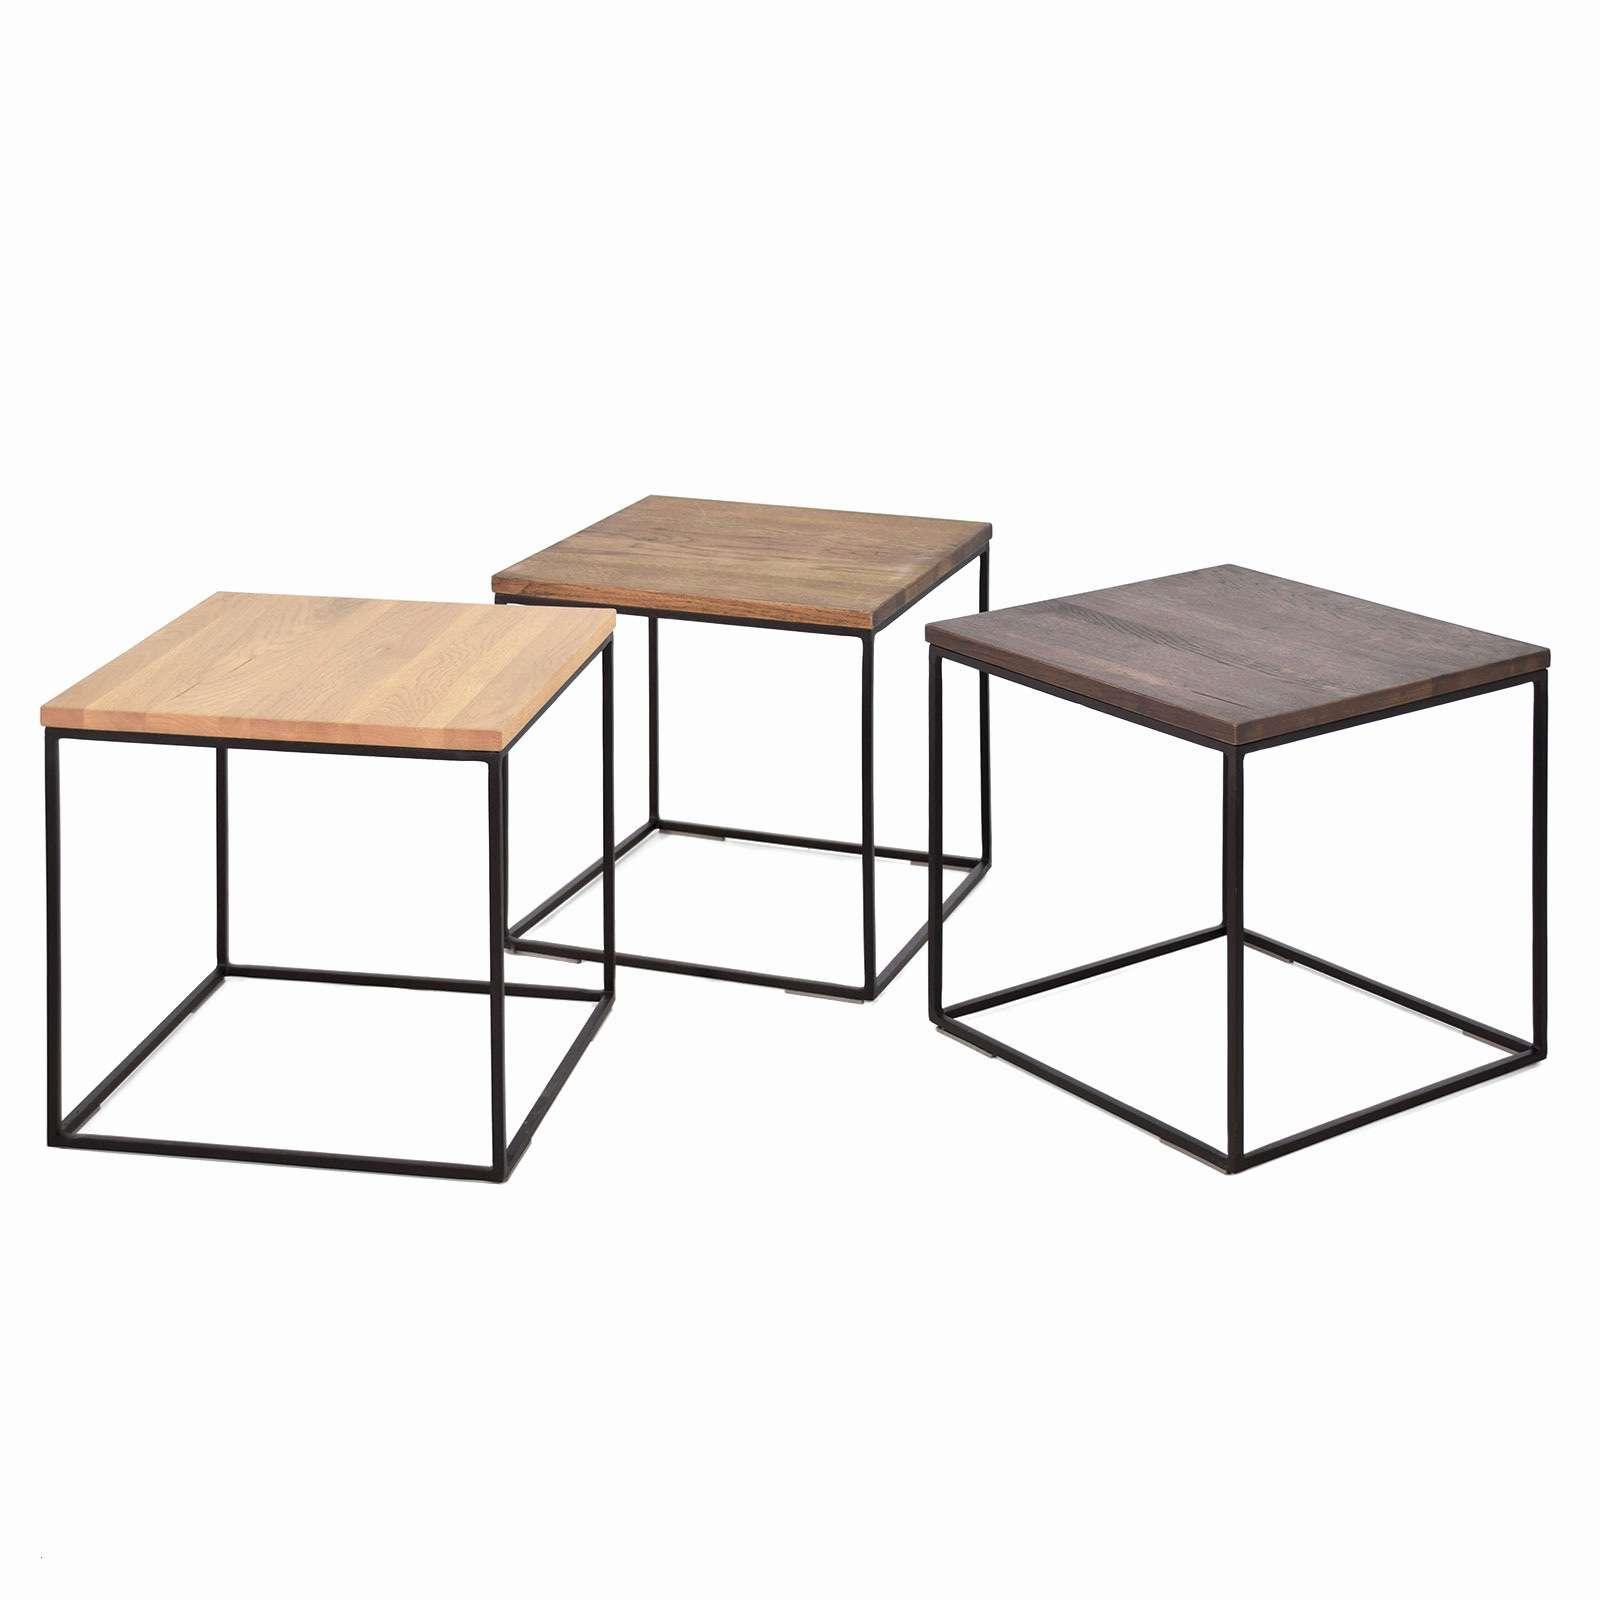 Full Size of Rattan Beistelltisch Ikea Miniküche Betten 160x200 Modulküche Küche Kosten Sofa Garten Bett Polyrattan Kaufen Mit Schlaffunktion Rattanmöbel Bei Wohnzimmer Rattan Beistelltisch Ikea